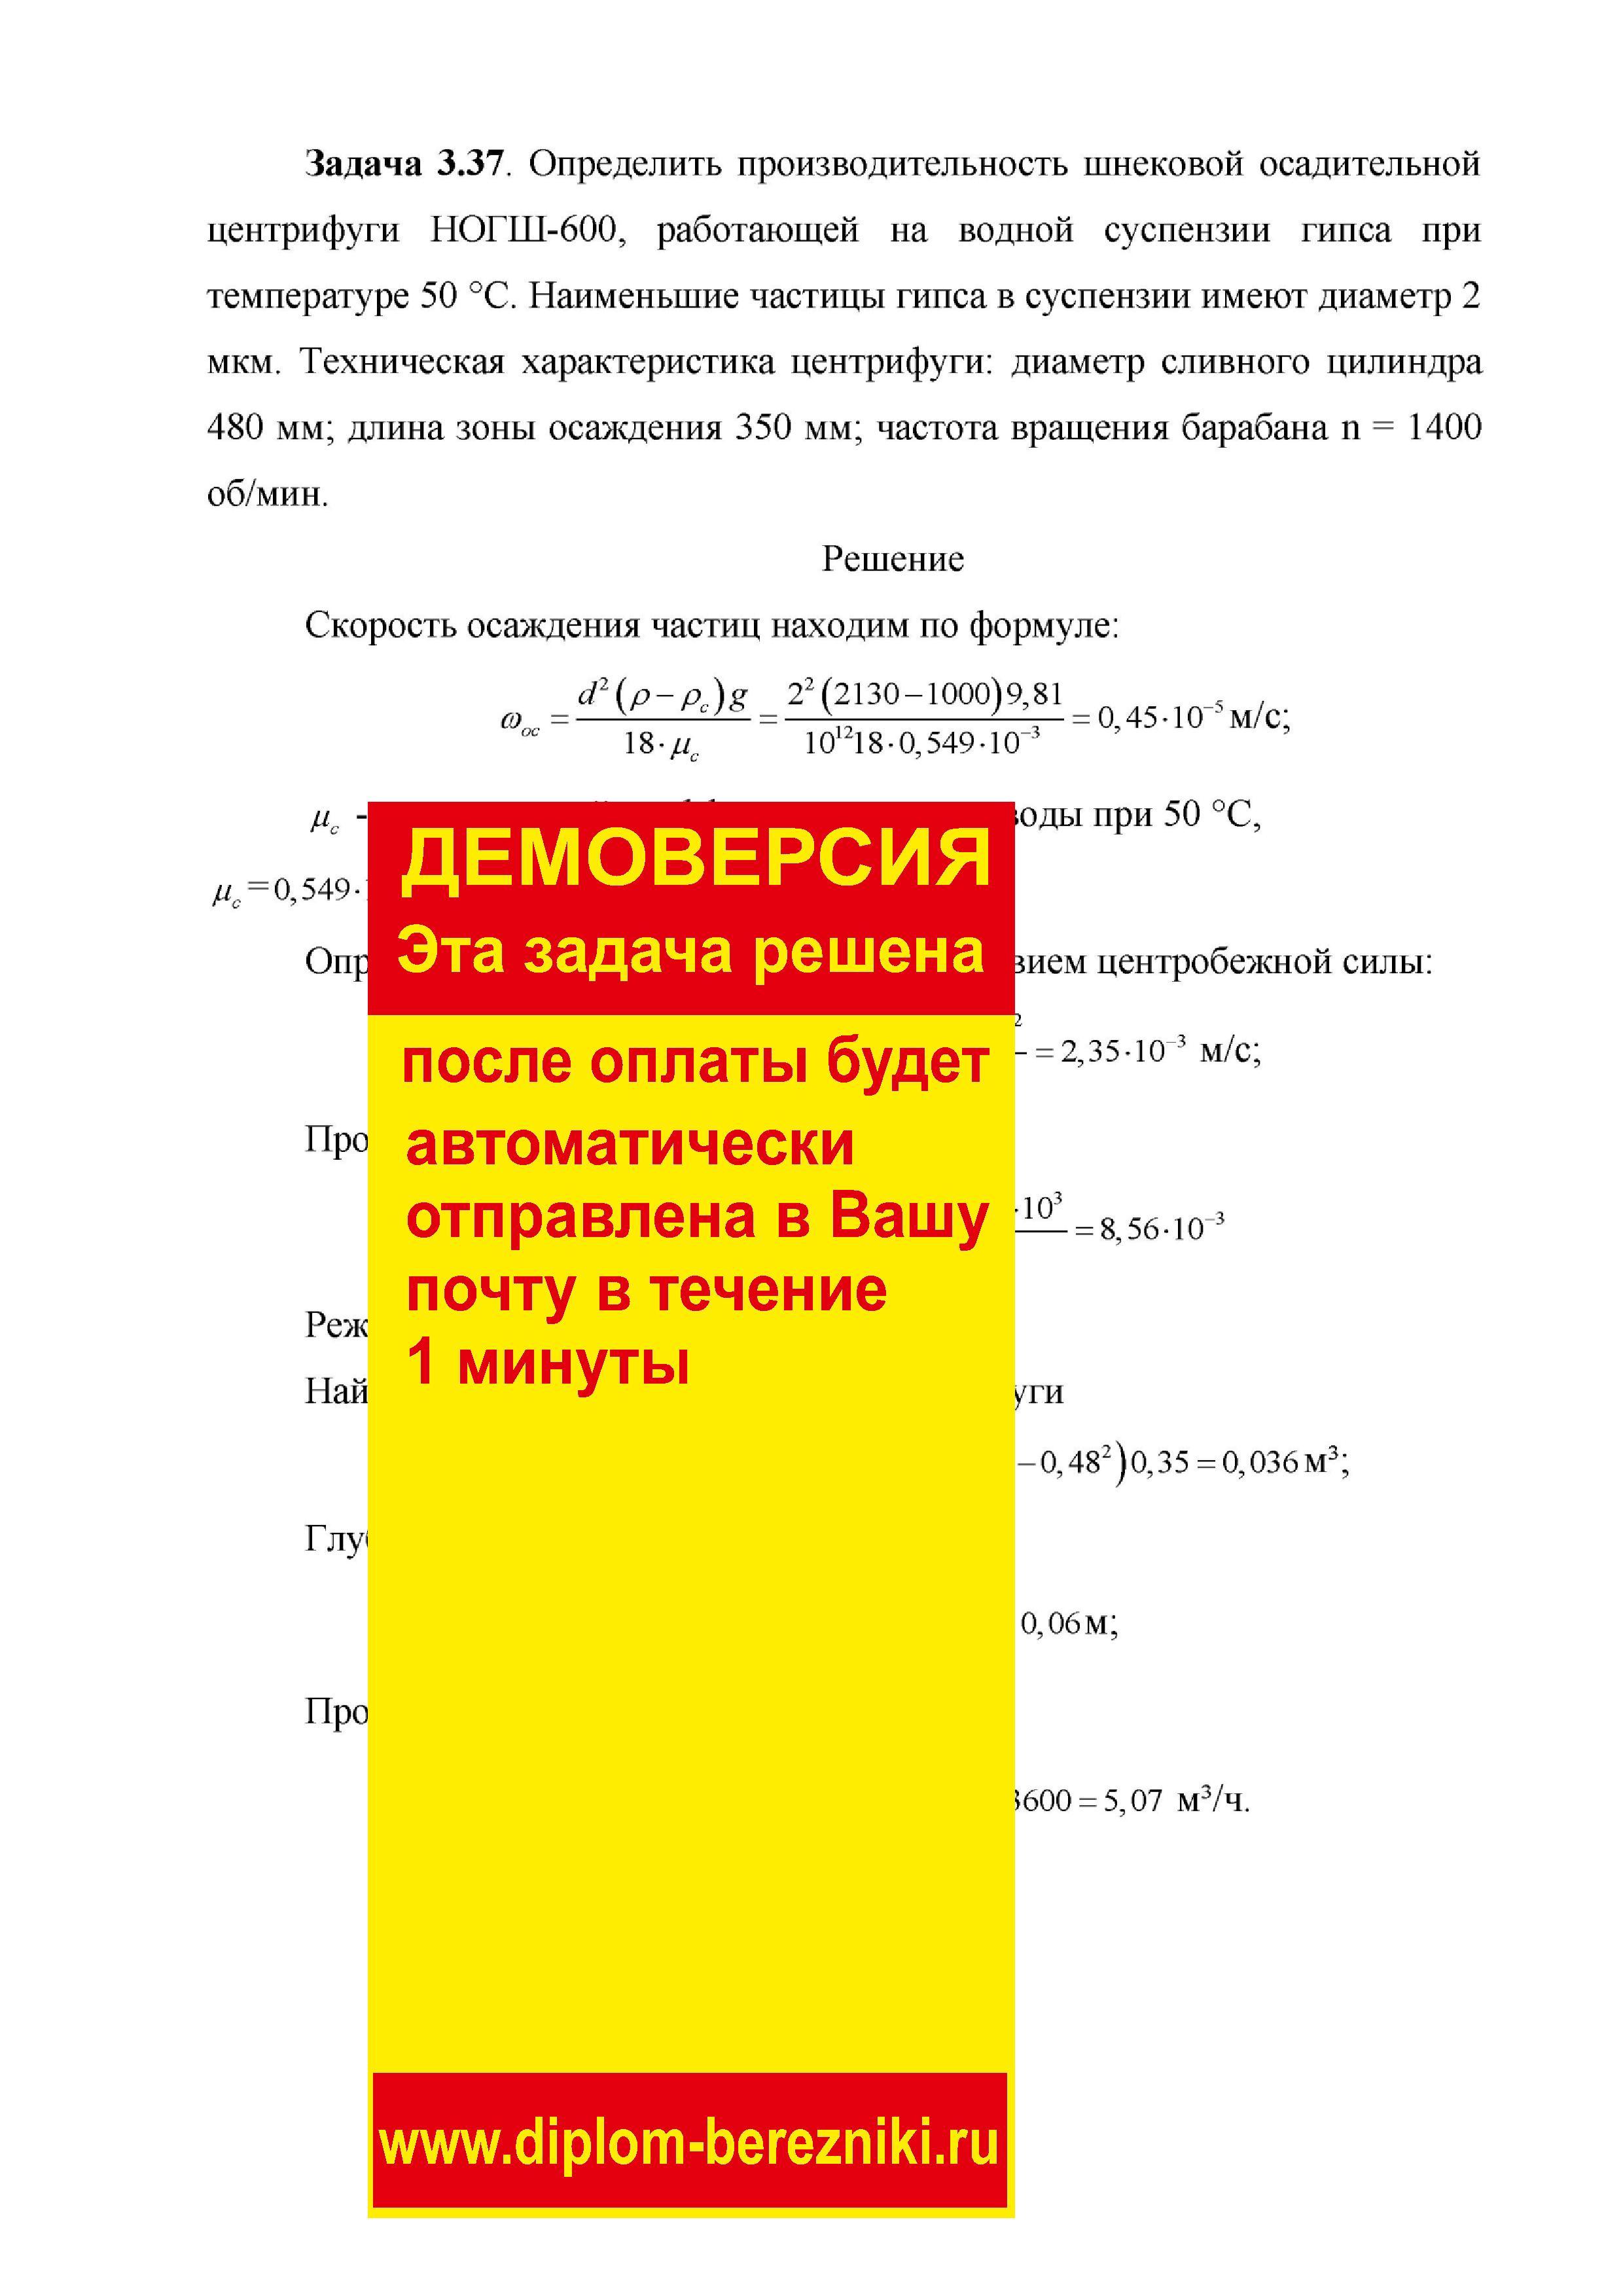 Решение задачи 3.37 по ПАХТ из задачника Павлова Романкова Носкова